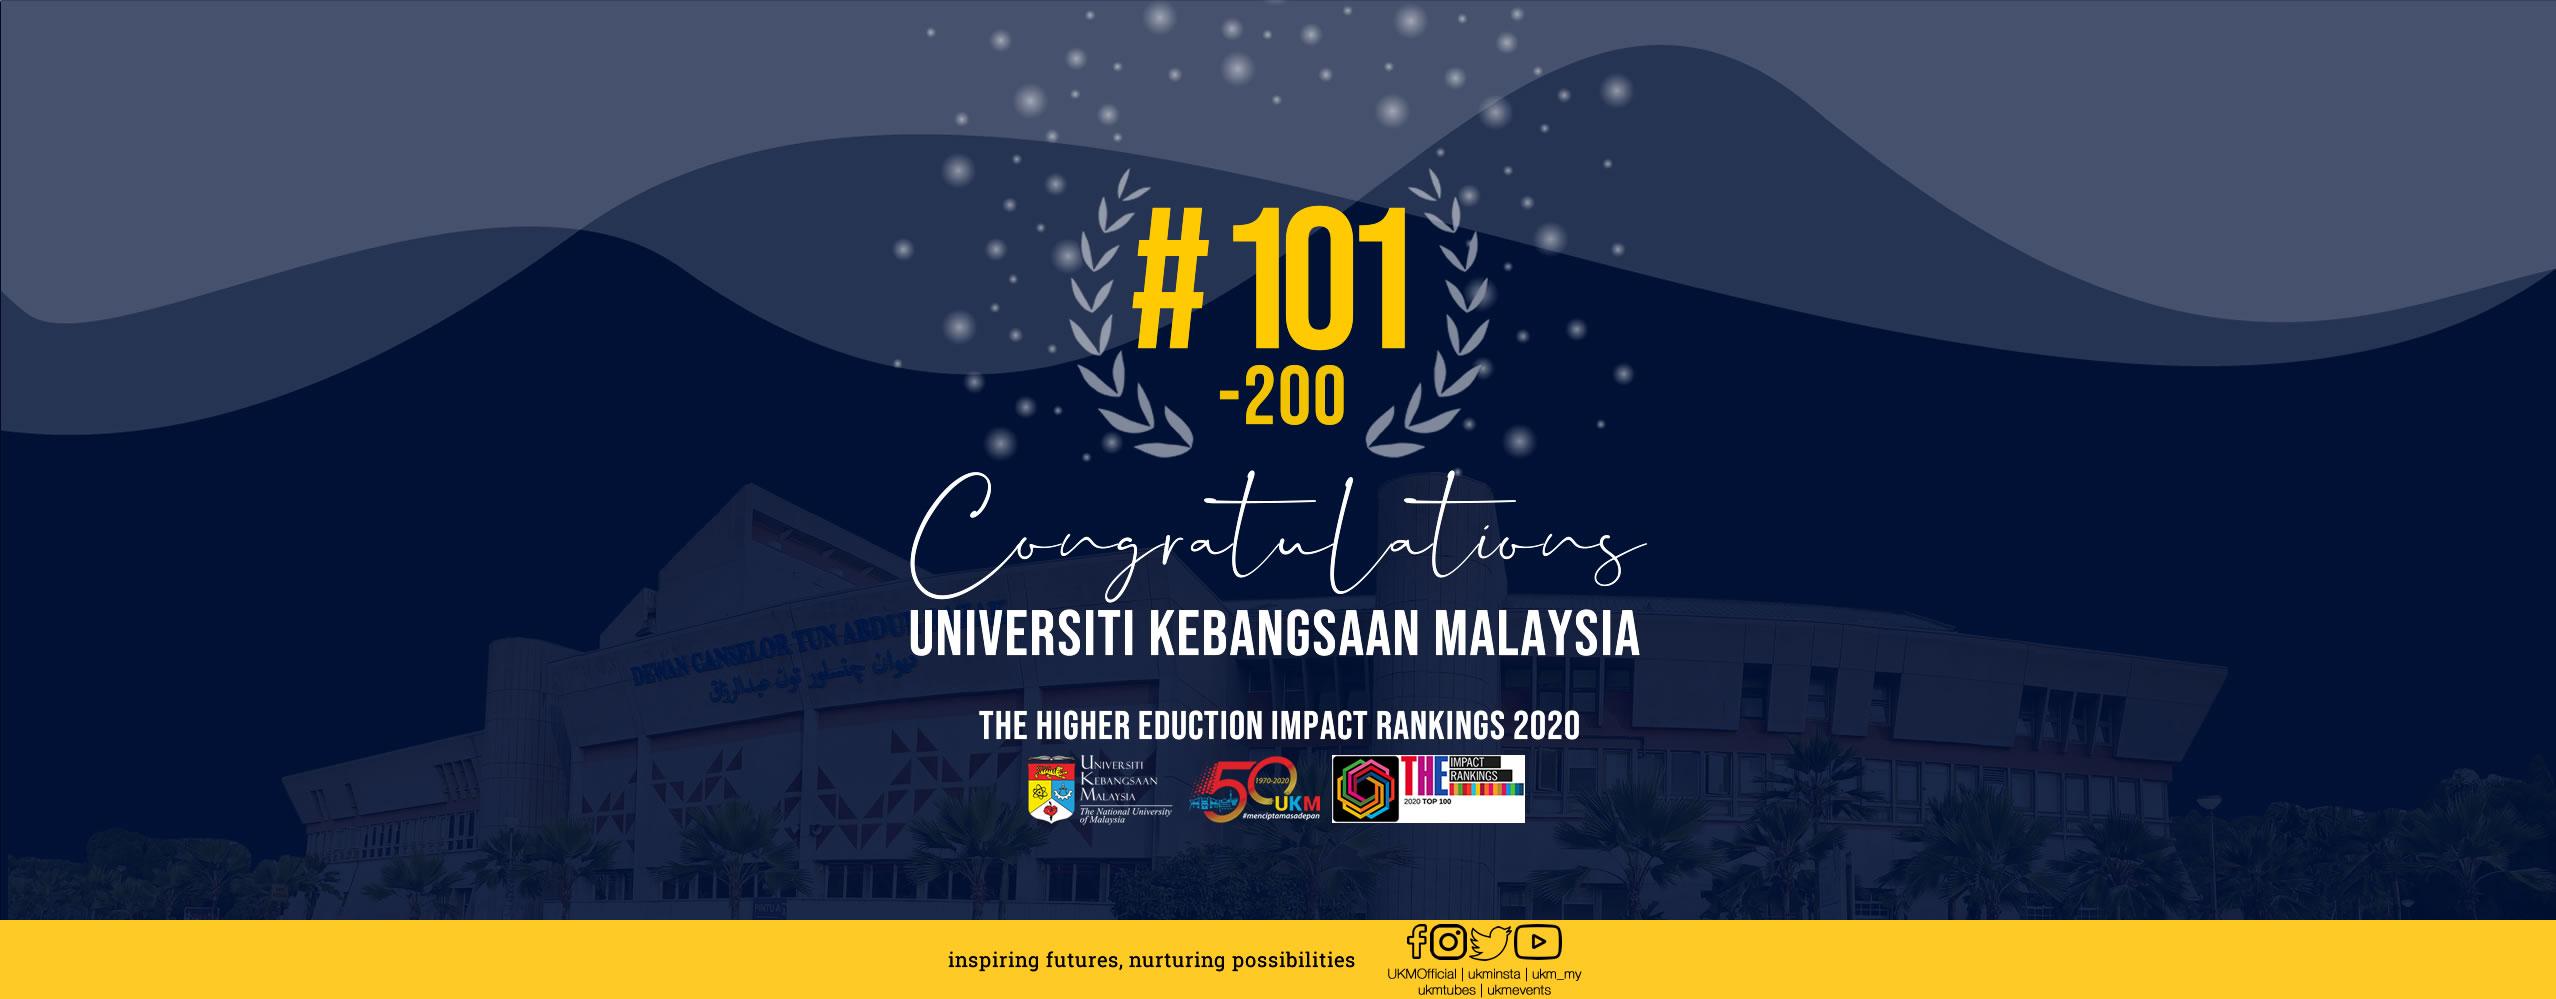 UKM's Ranking in 2020